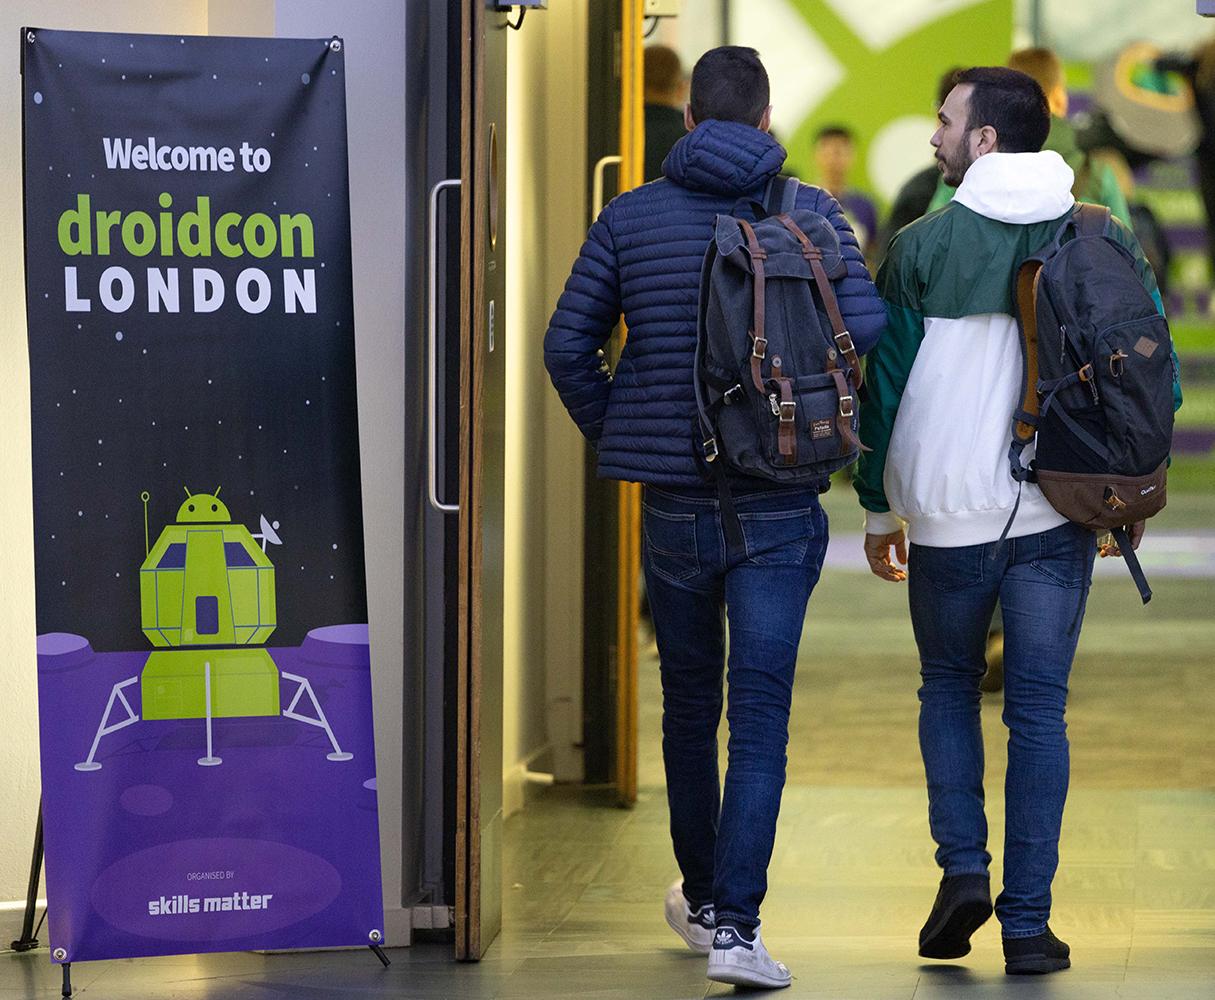 droidcon-Ldn-2019-slideshow-banner